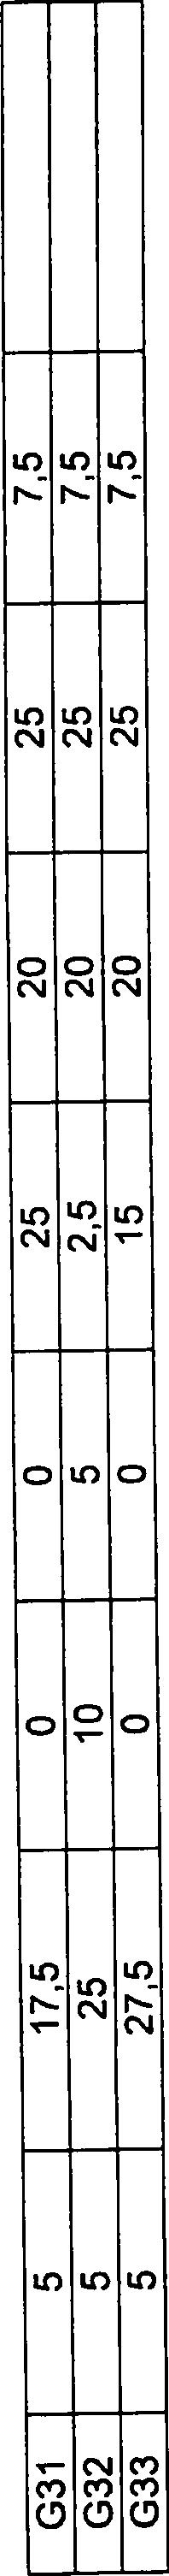 Figure DE112009000012B4_0003